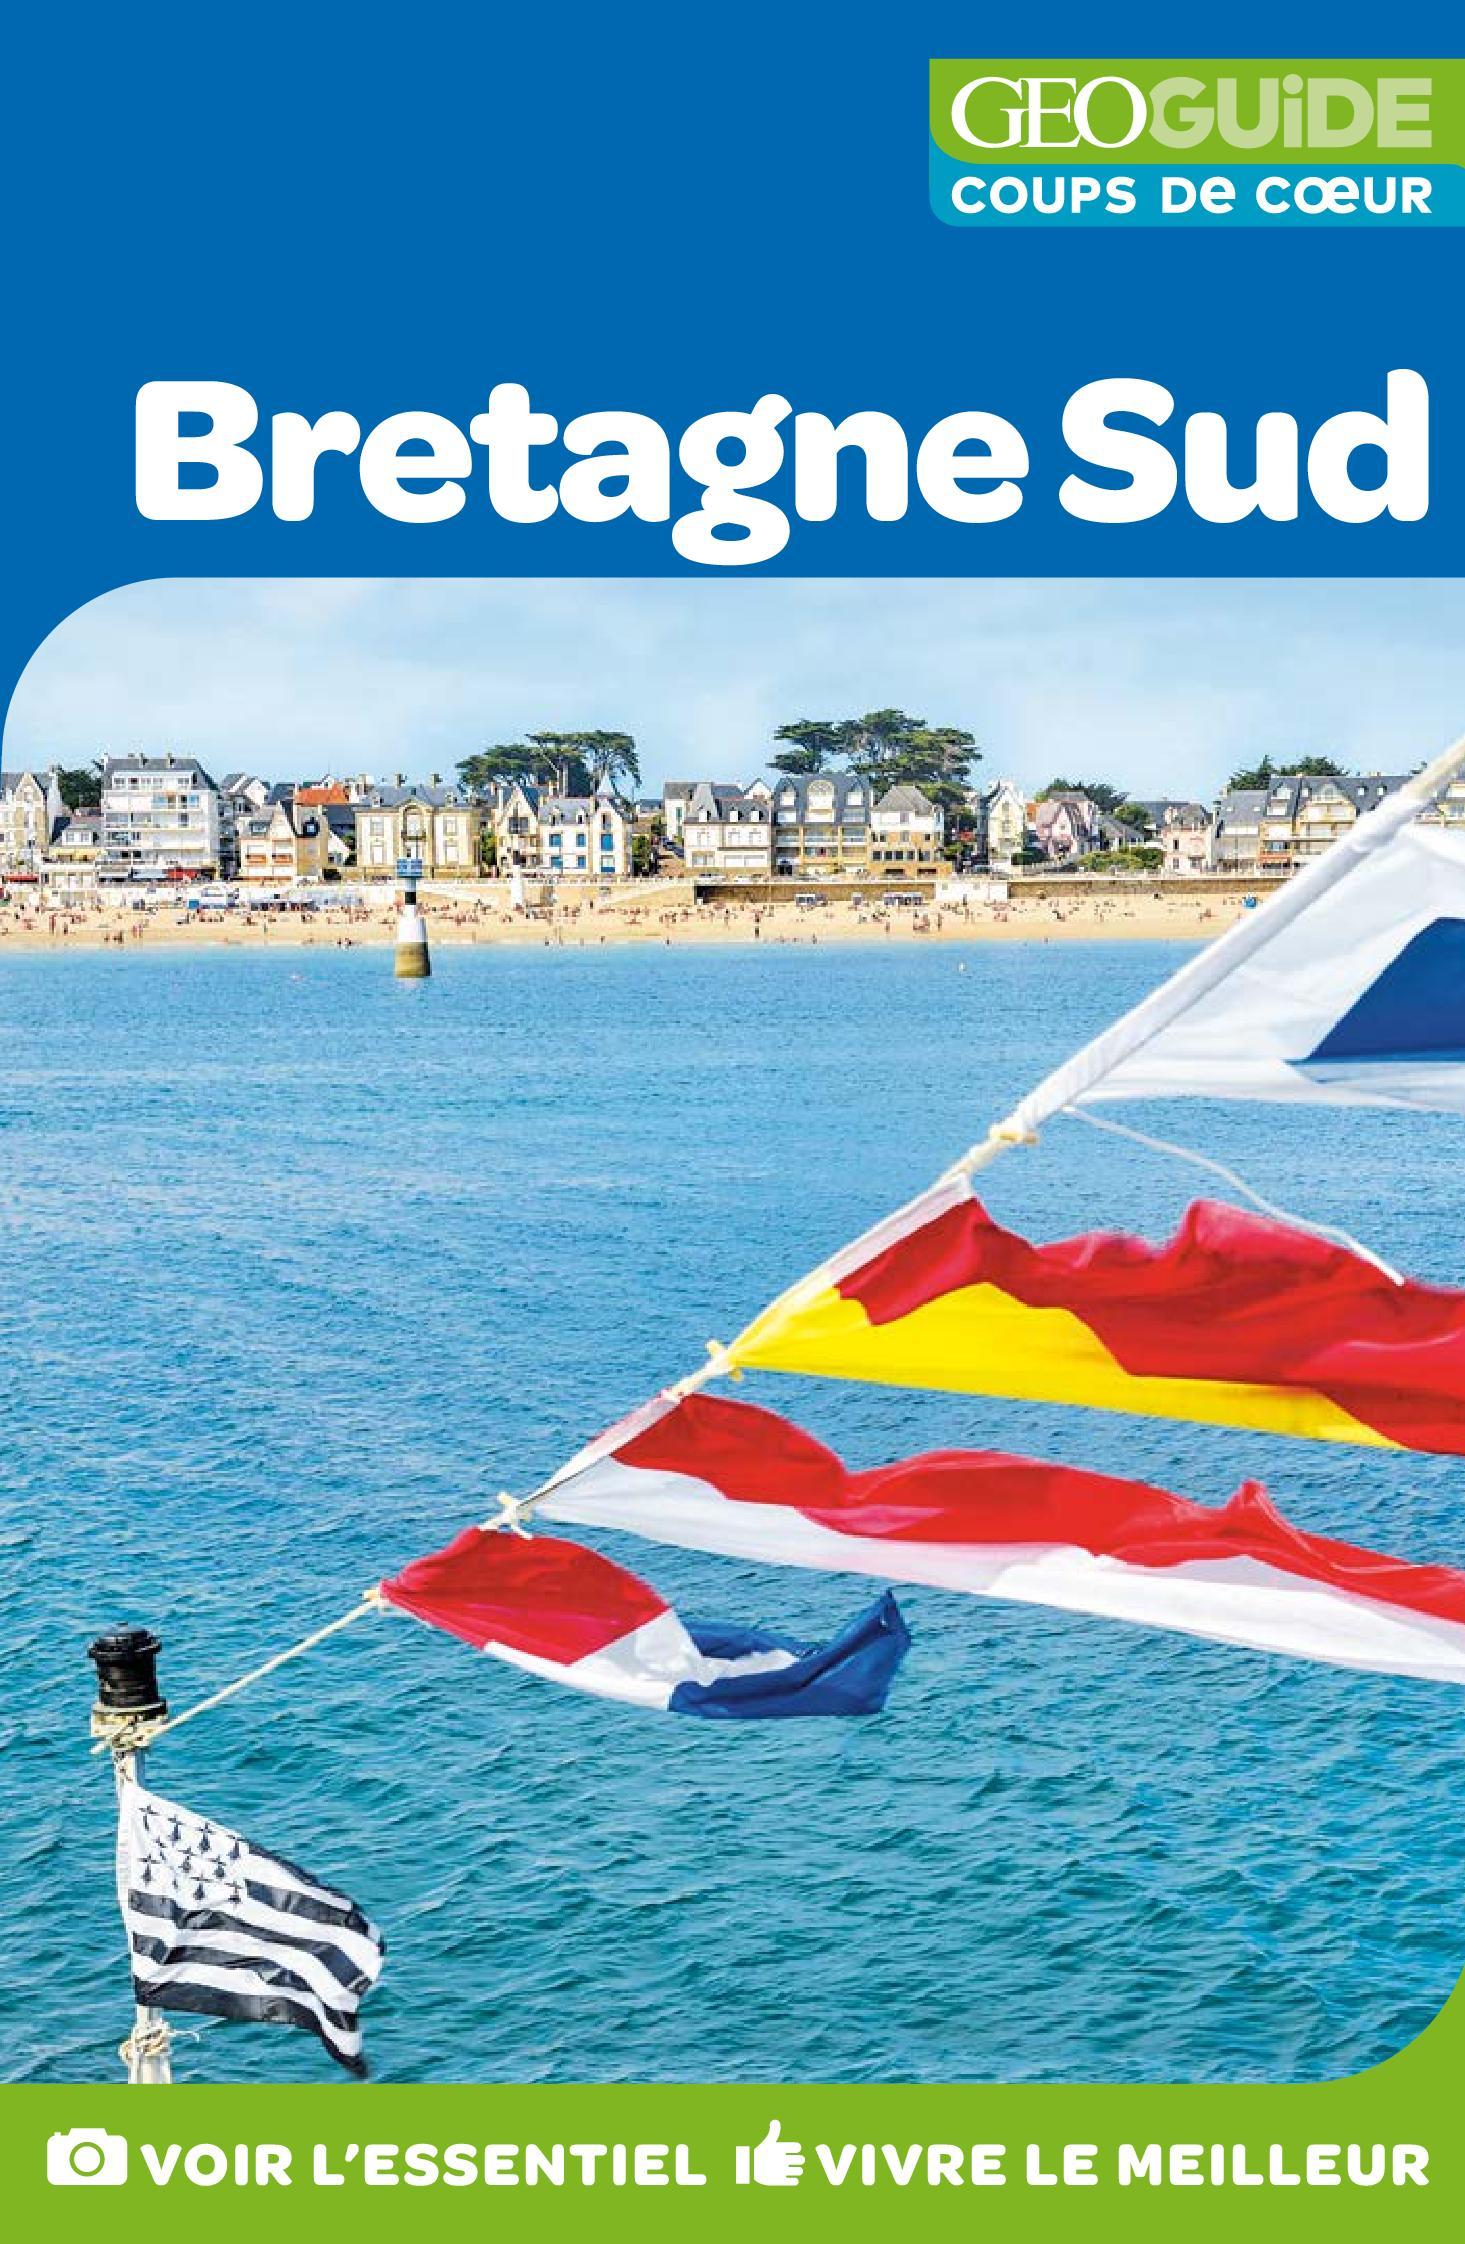 GEOguide Coups de coeur Bretagne Sud | Collectif,